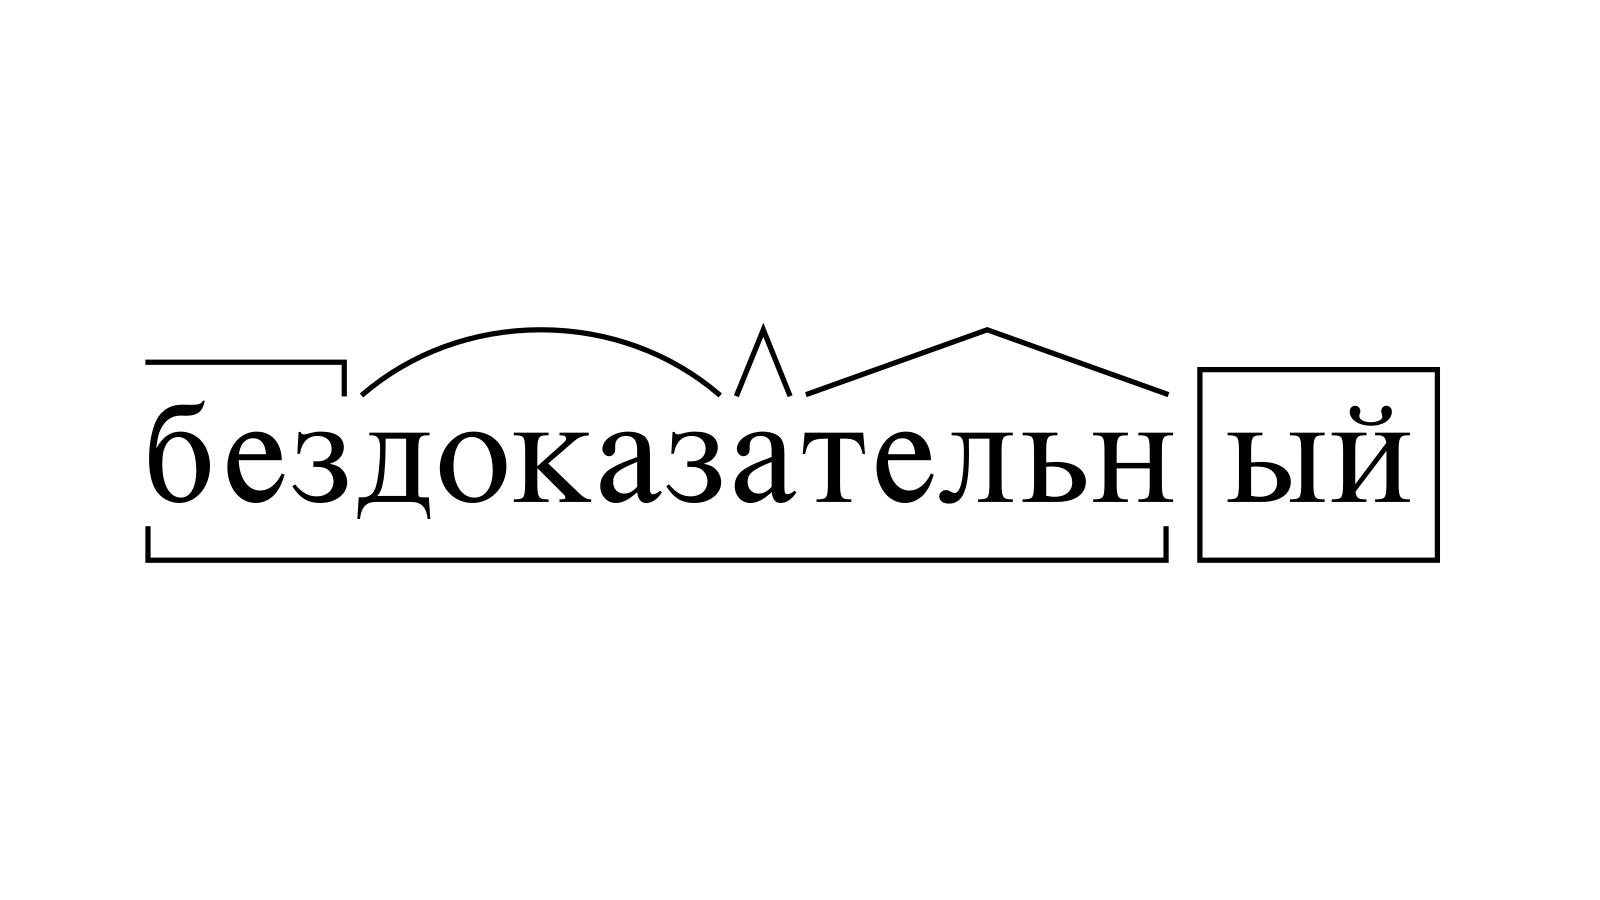 Разбор слова «бездоказательный» по составу